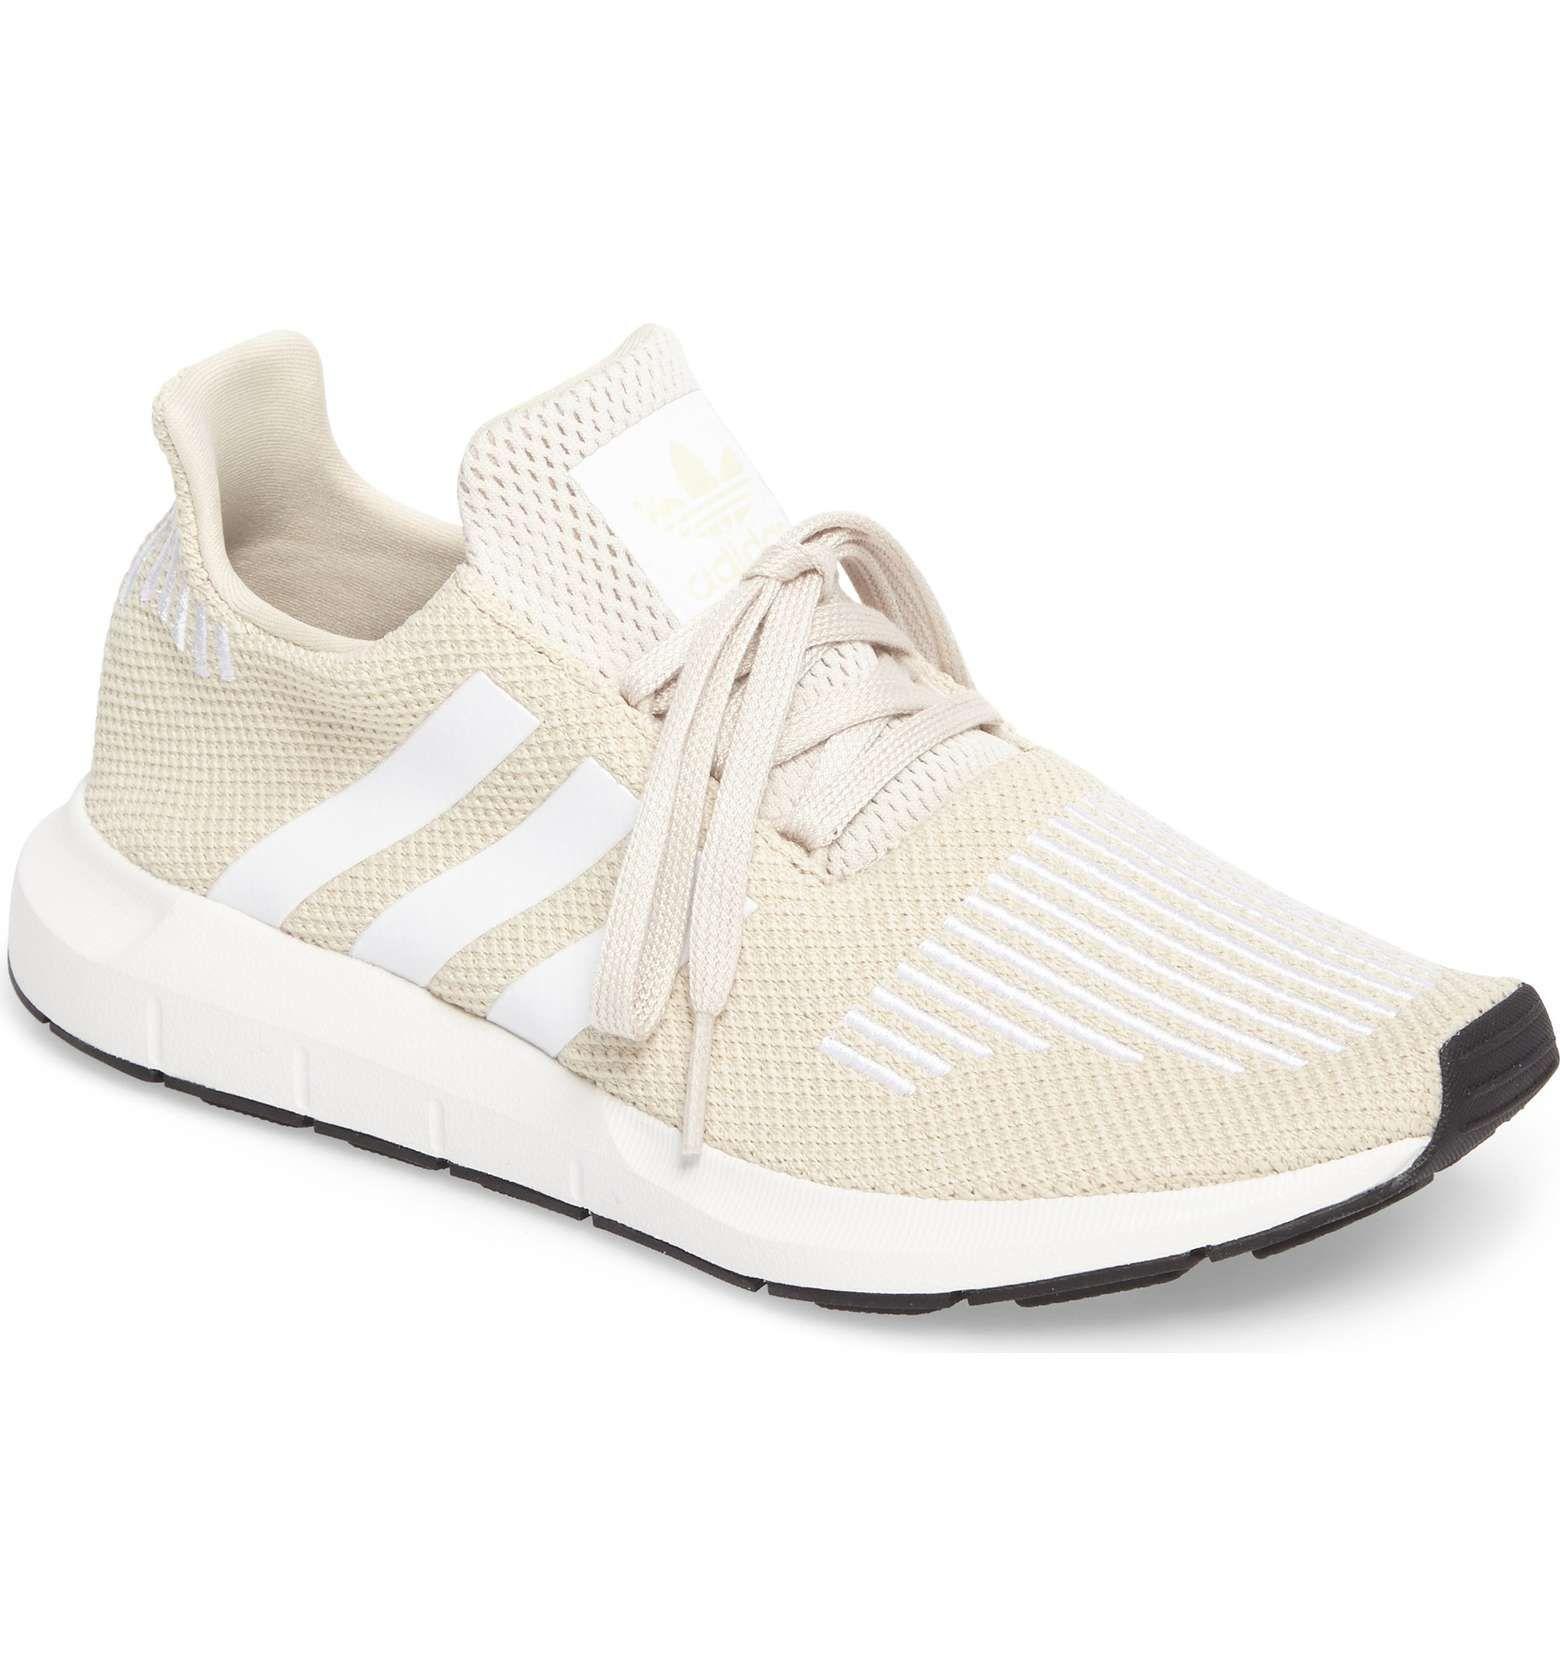 adidas swift run scarpa dimensioni: 7, colore chiaro marrone / bianco